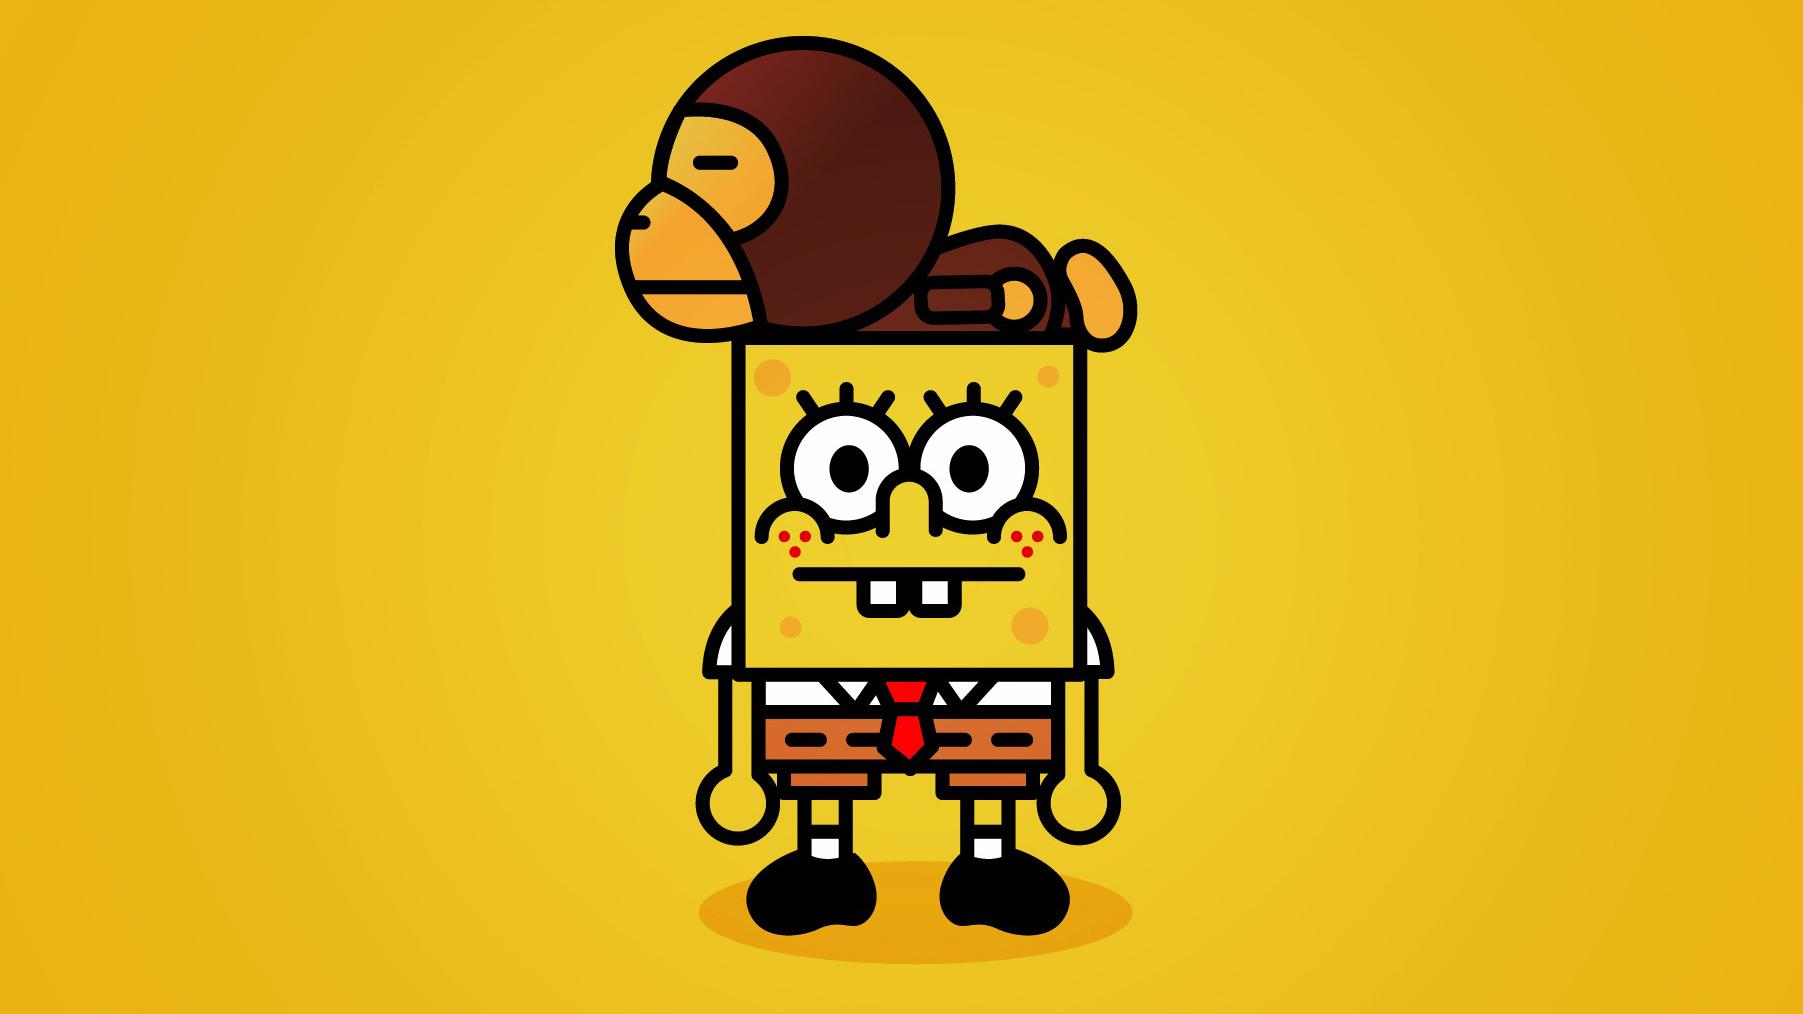 Spongebob Google Cover